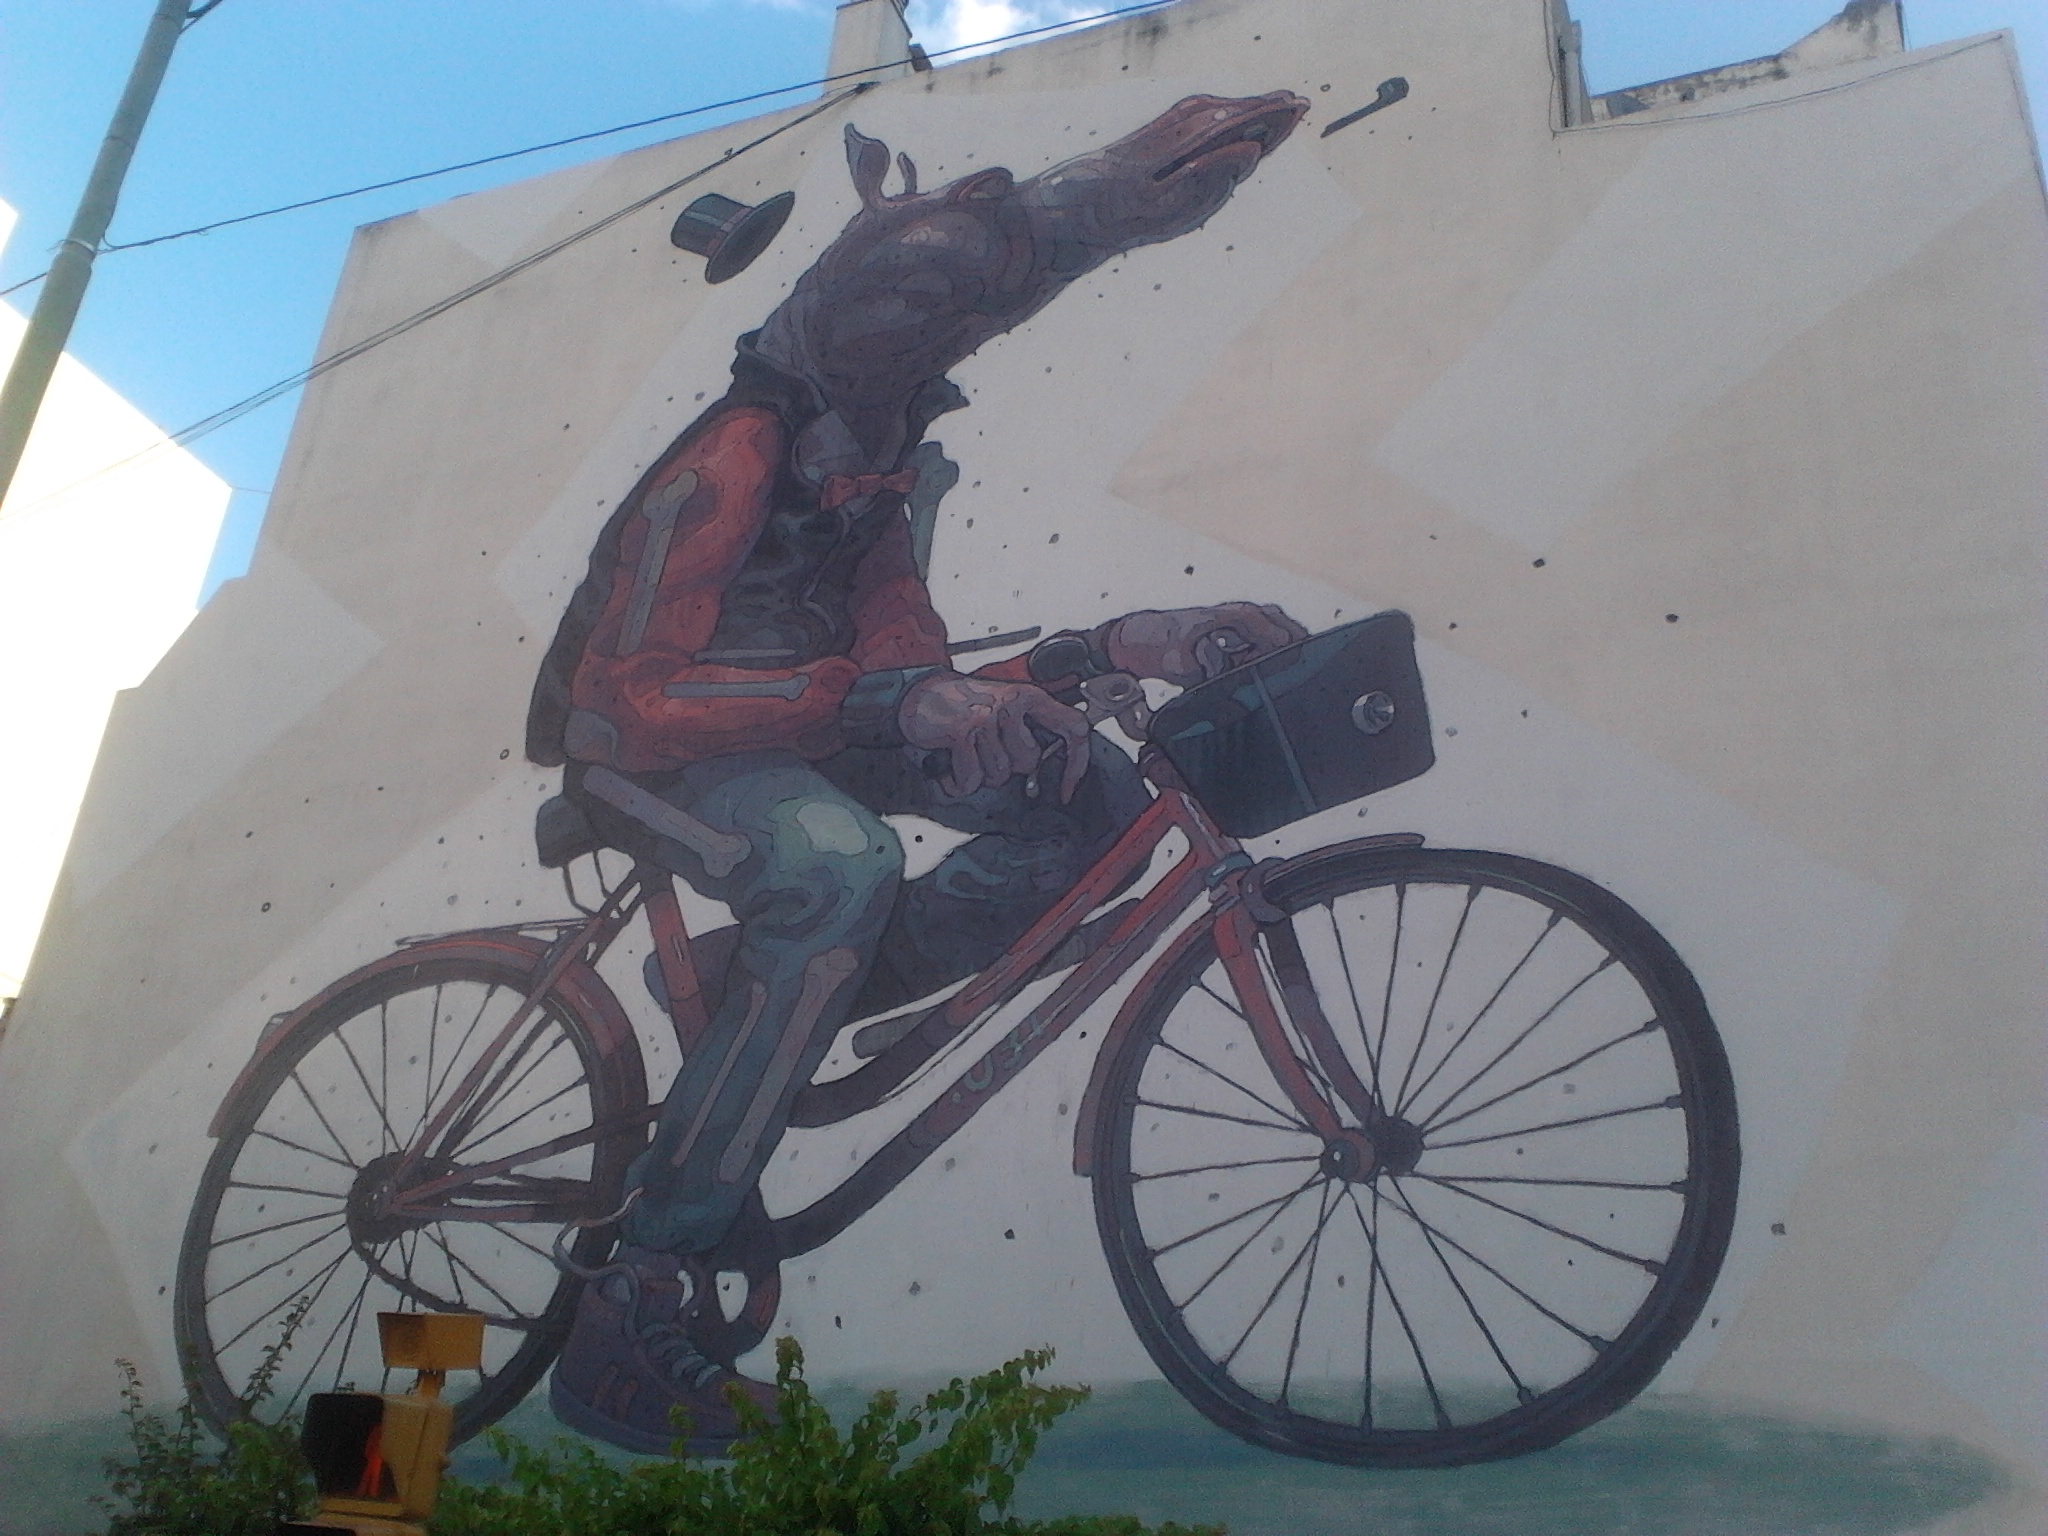 Y desde Buenos Aires nos llega esta foto de Fernando López, de la intersección entre Avenida Independencia y Chacabuco, en el barrio de San Telmo.